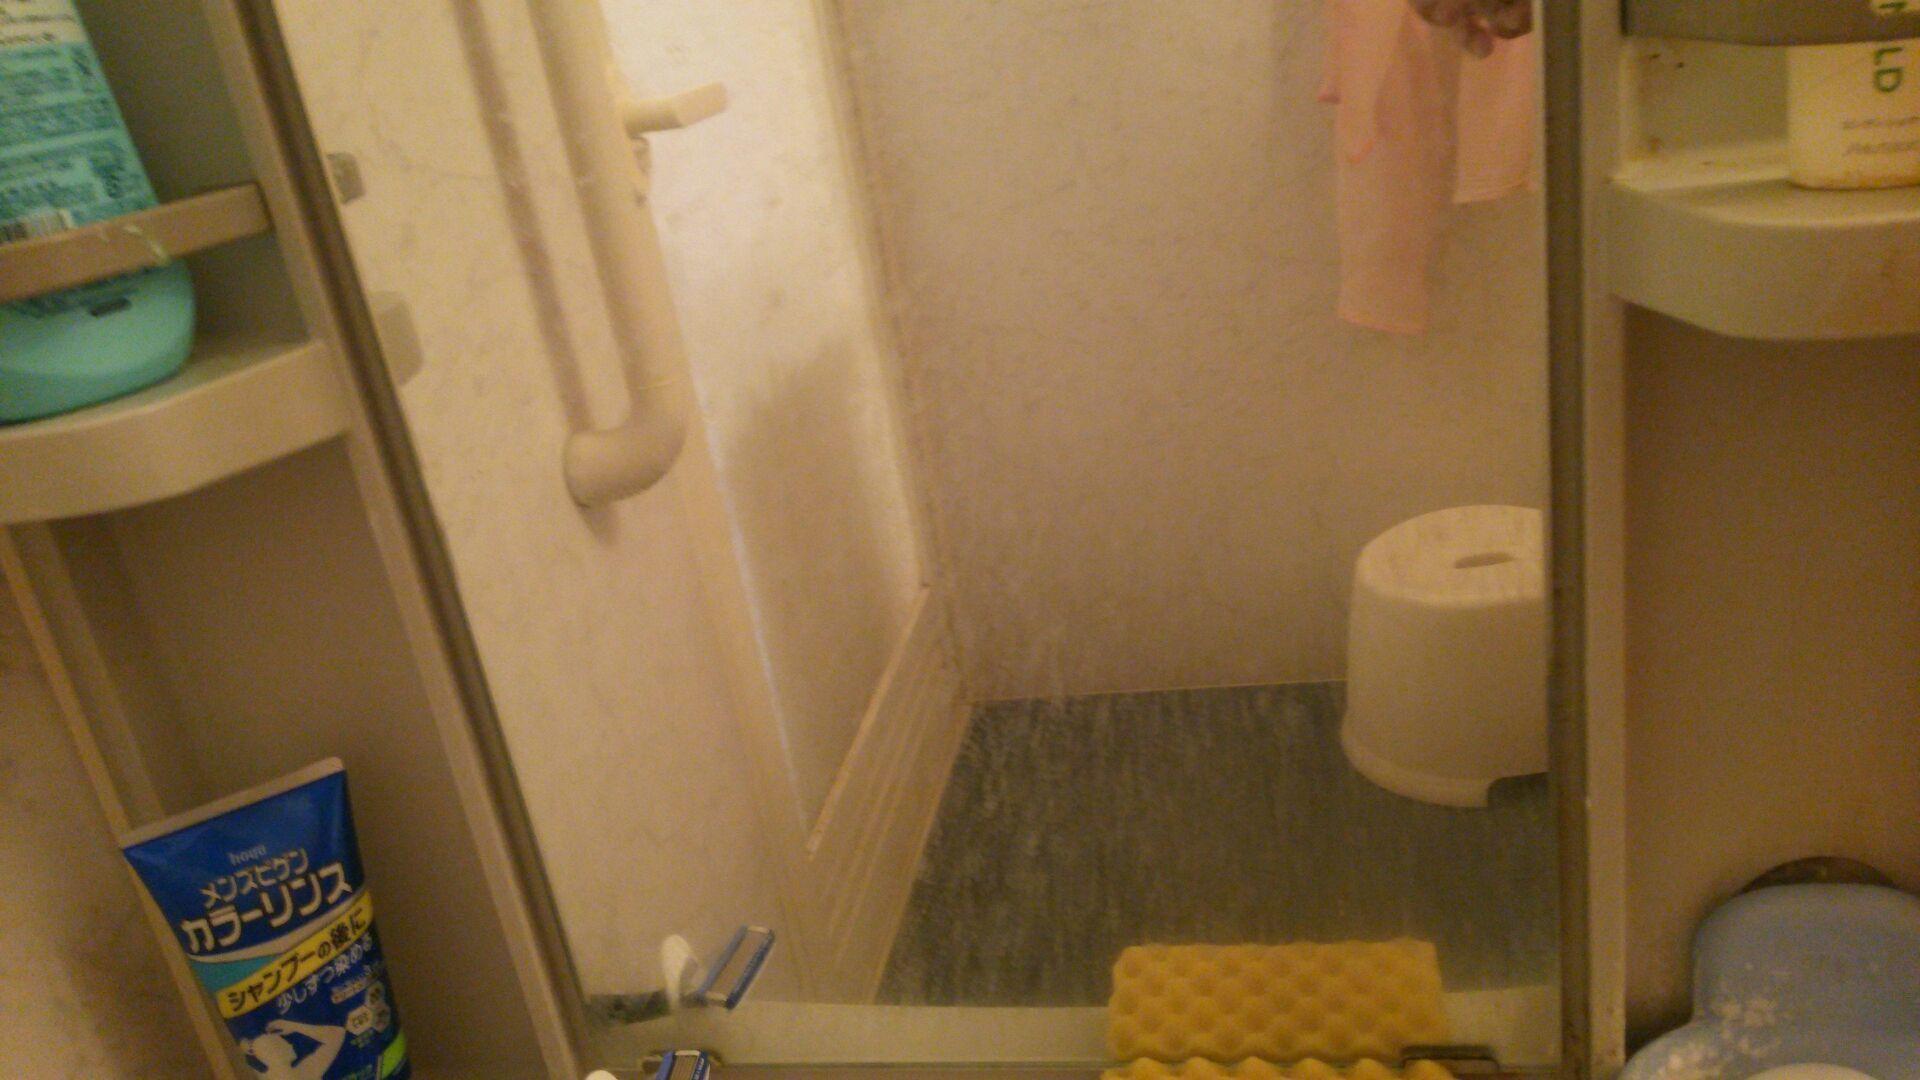 不動産業者が 鏡うろこ と呼ぶ しつこい水垢には デニム 歯磨き粉